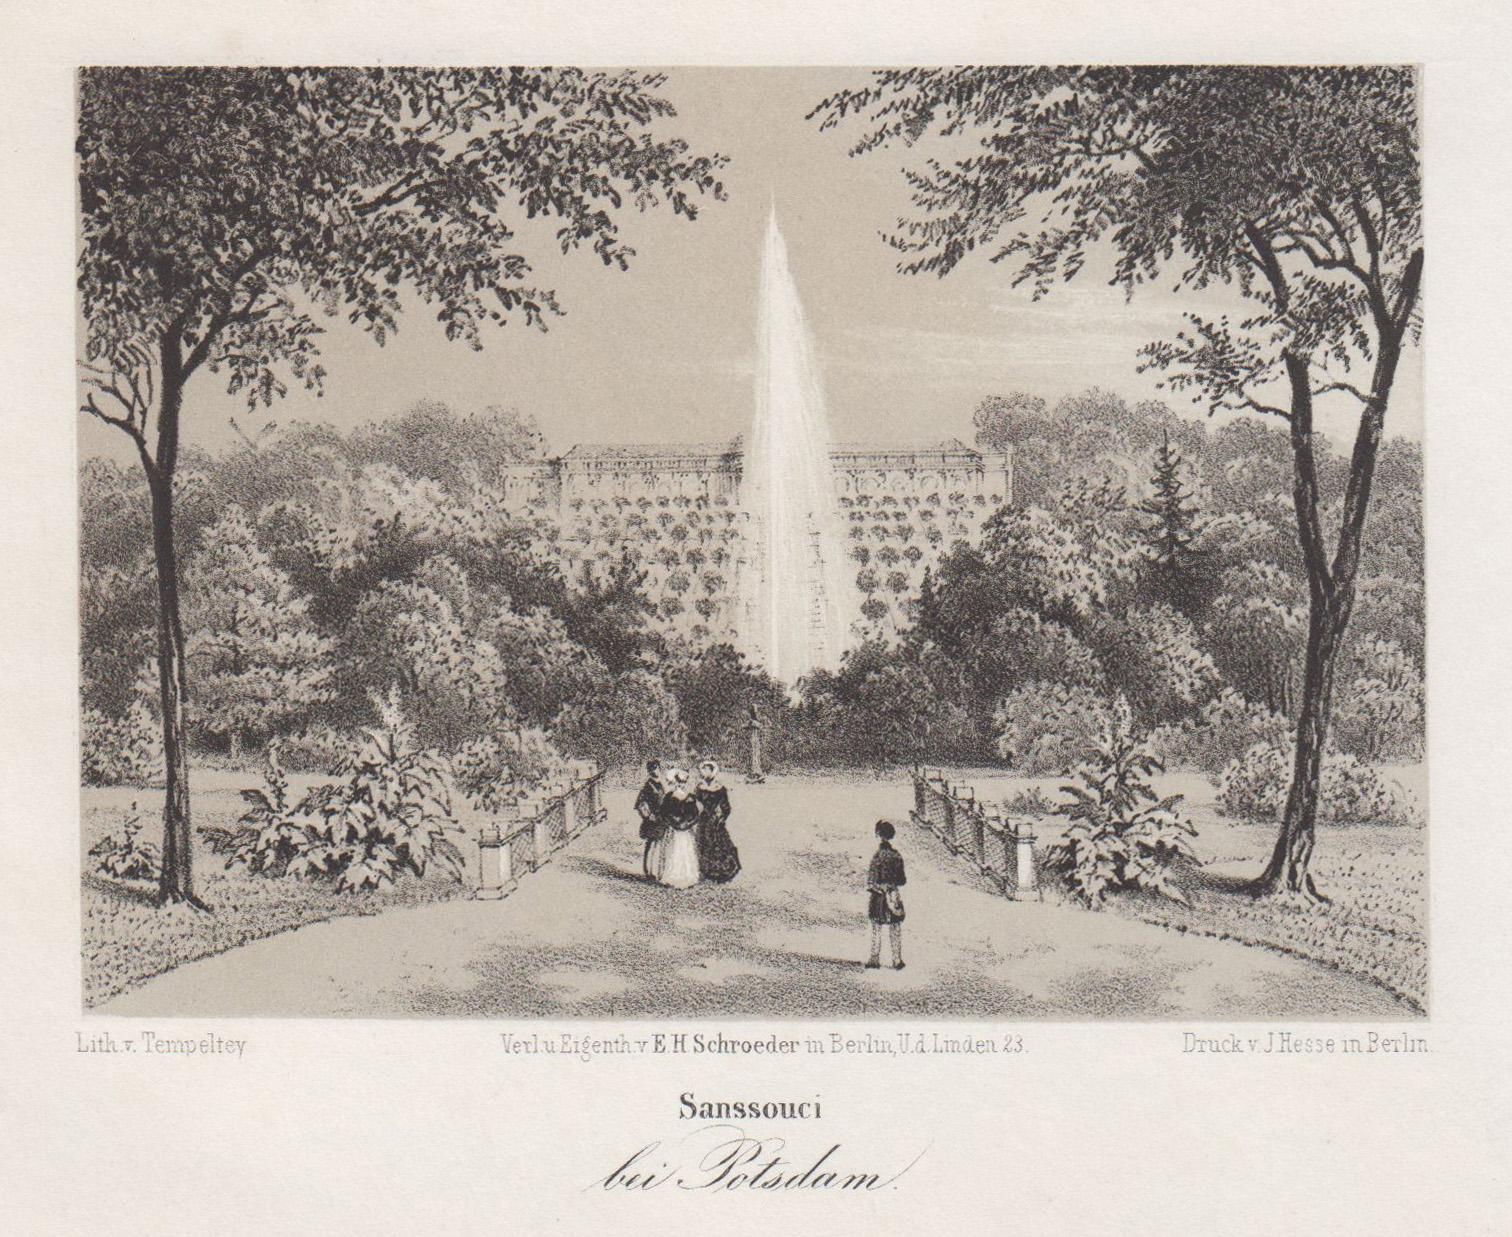 Ansicht m. d. Terrassen und der Fontaine,: Potsdam - Schloss